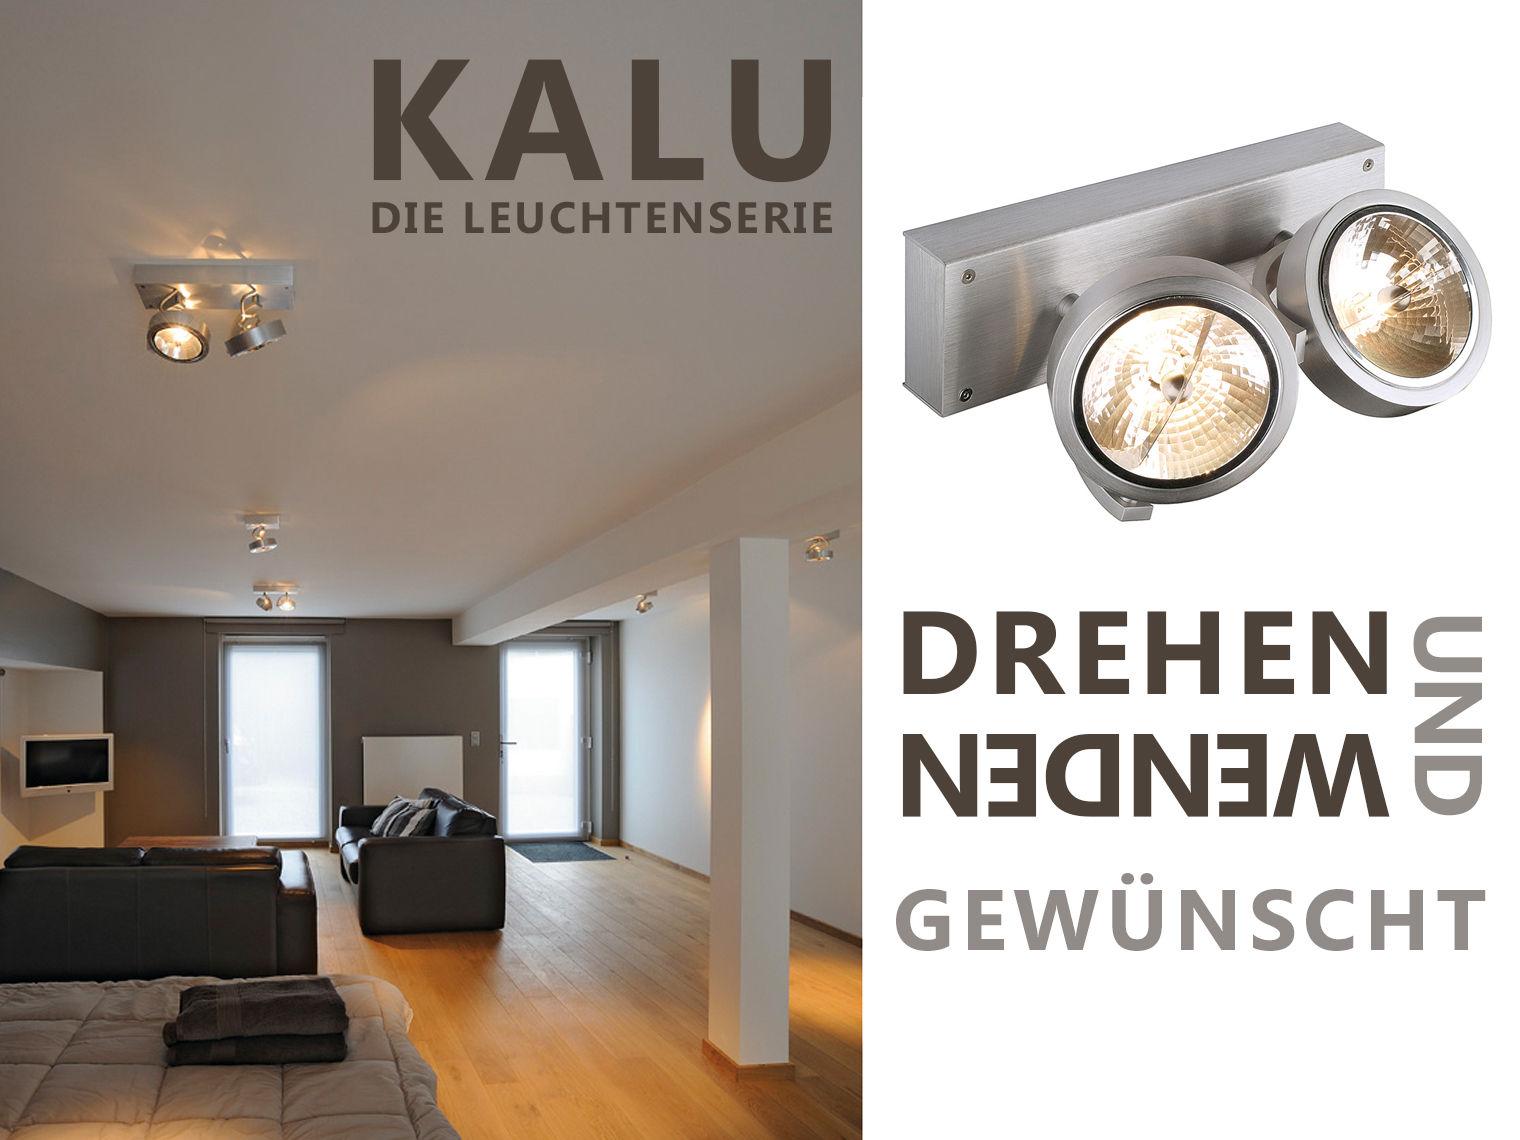 Drehen Und Wenden Erwünscht   KALU Leuchtenserie Für Wand, Decke Und Boden